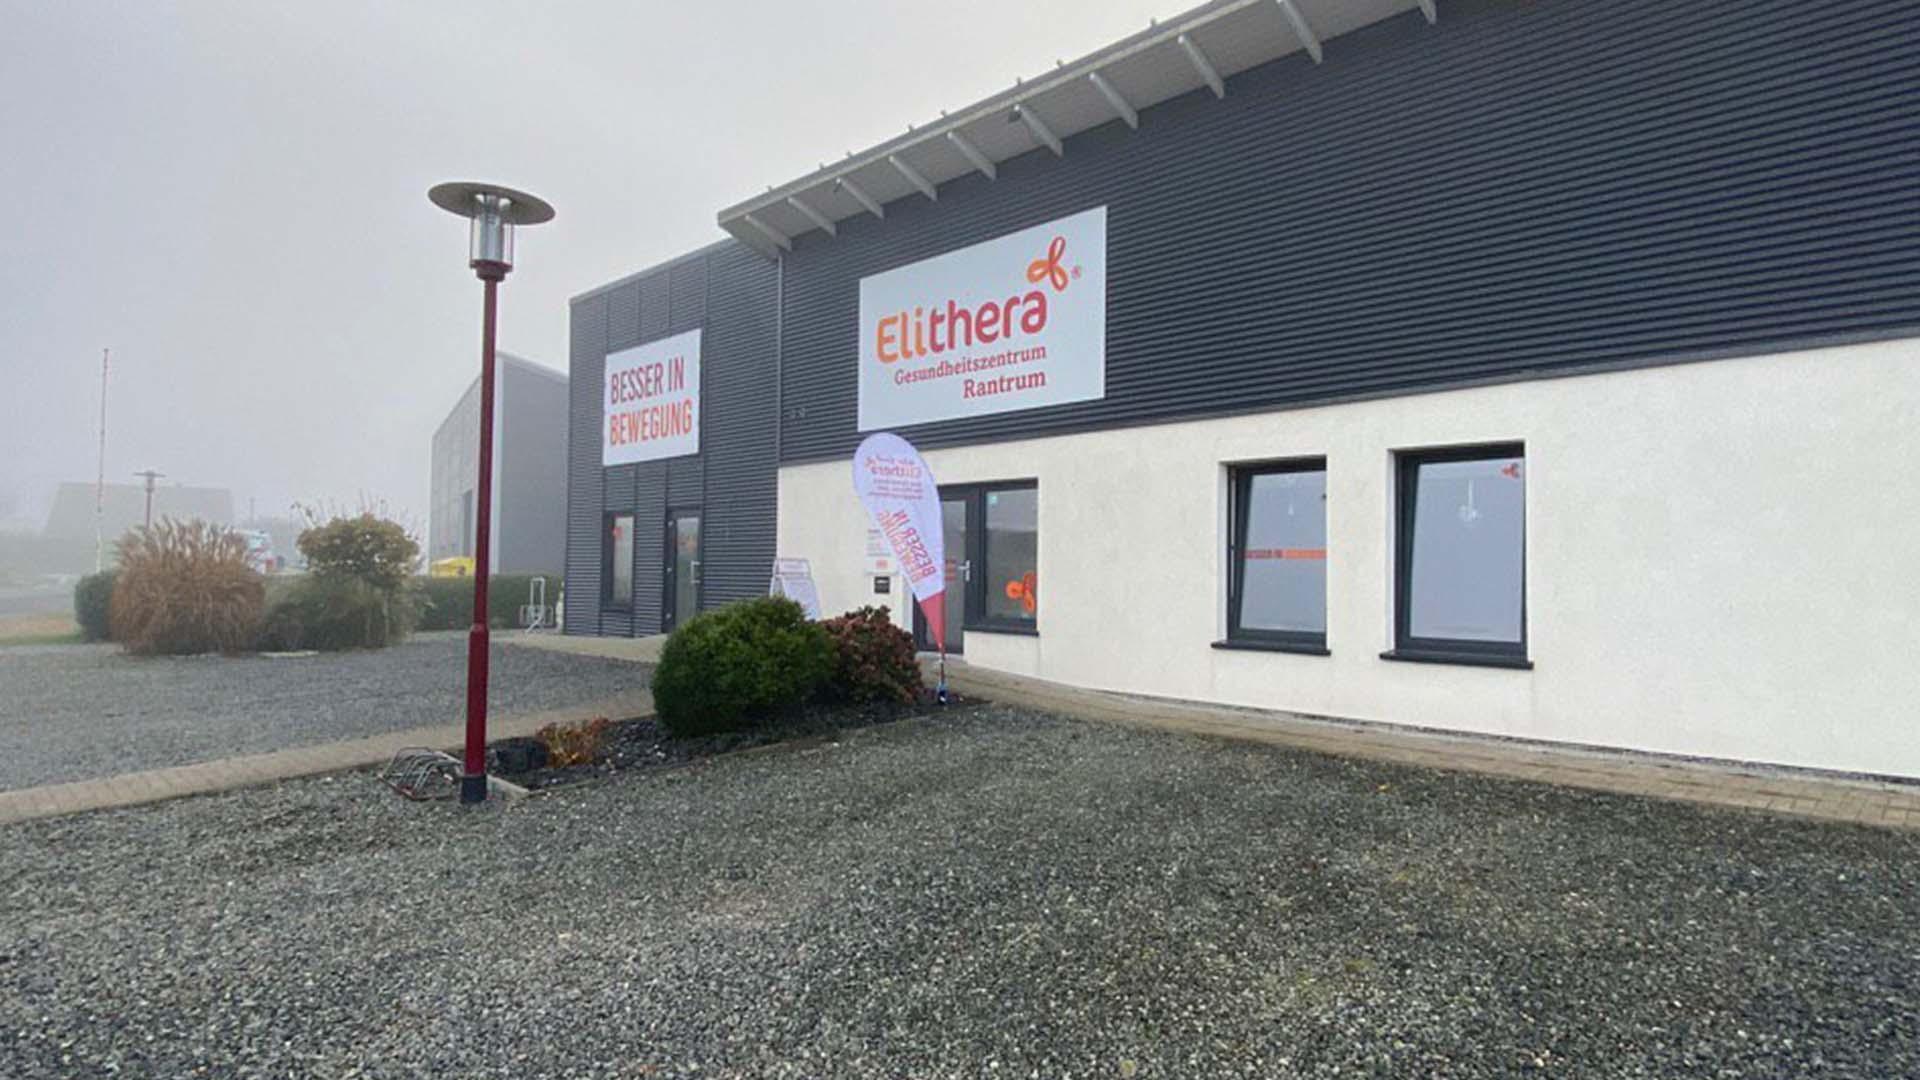 Neueröffnung Elithera Gesundheitszentrum Rantrum und Havixbeck